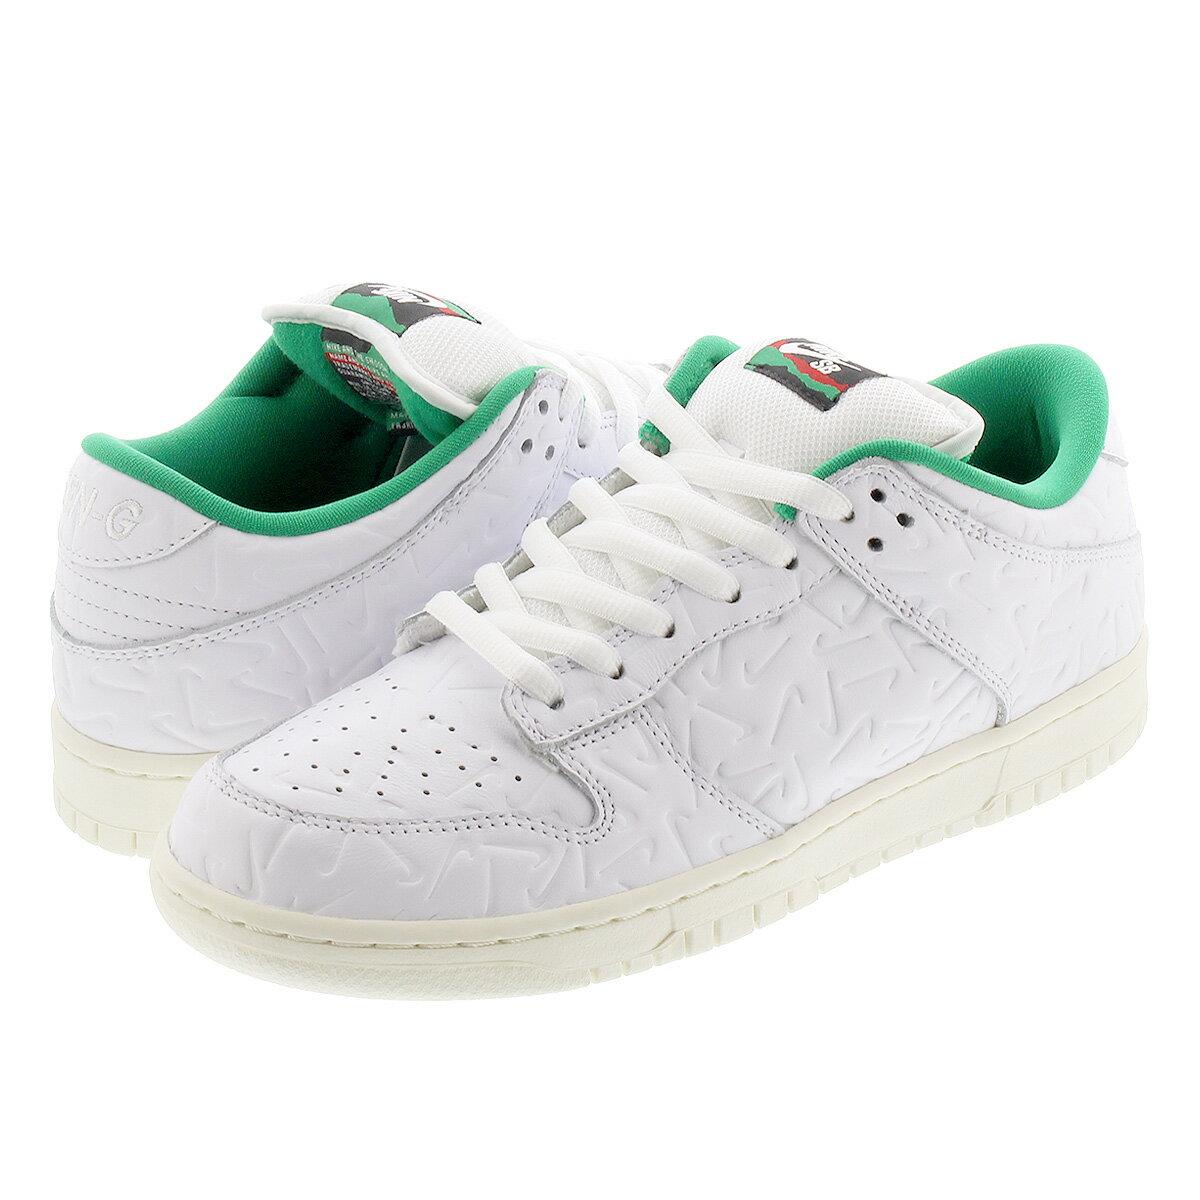 メンズ靴, スニーカー BEN-G x NIKE SB DUNK LOW OG QS 2 x SB QS 2 WHITEWHITELUCID GREENSAIL cu3846-100